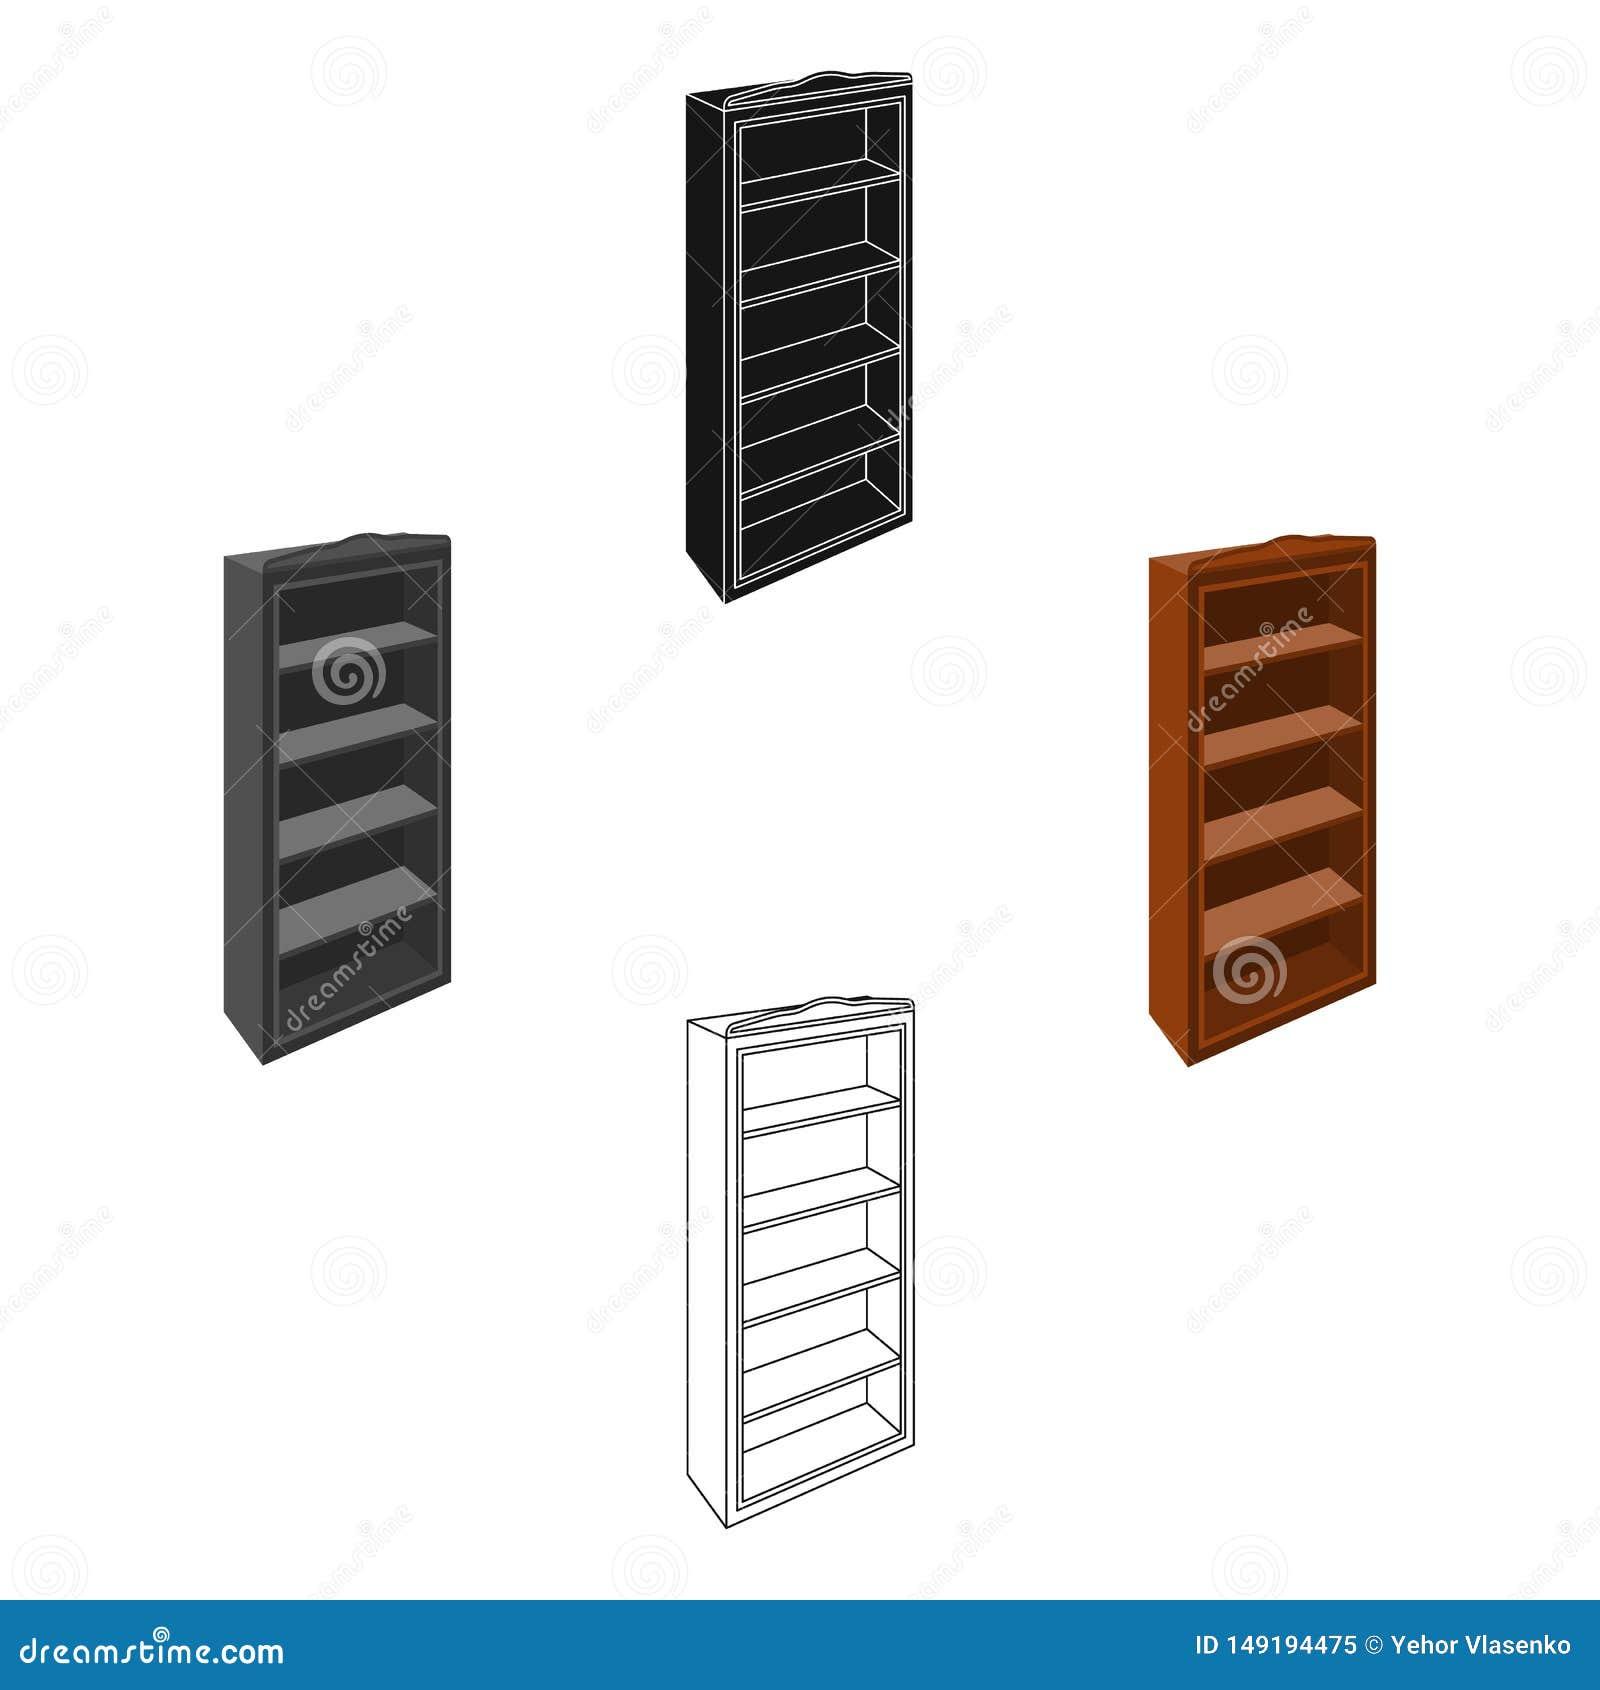 El peque?o estante para libros Biblioteca casera Libros a leer Icono de los muebles del dormitorio solo en la historieta, acci?n